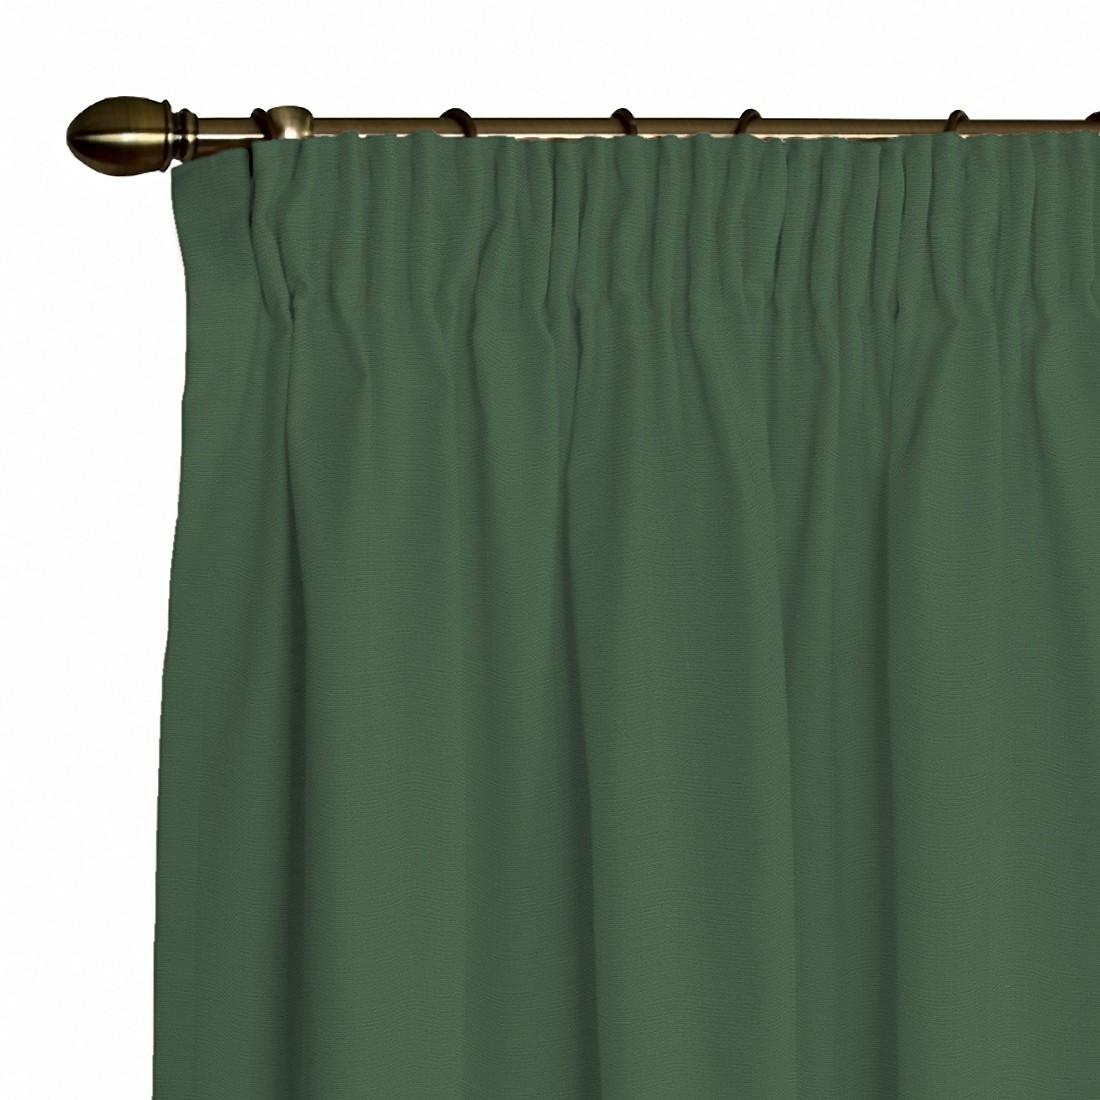 Vorhang Cotton Panama (inkl. Kräuselband) – Tannengrün – 130 x 260 cm, Dekoria online kaufen